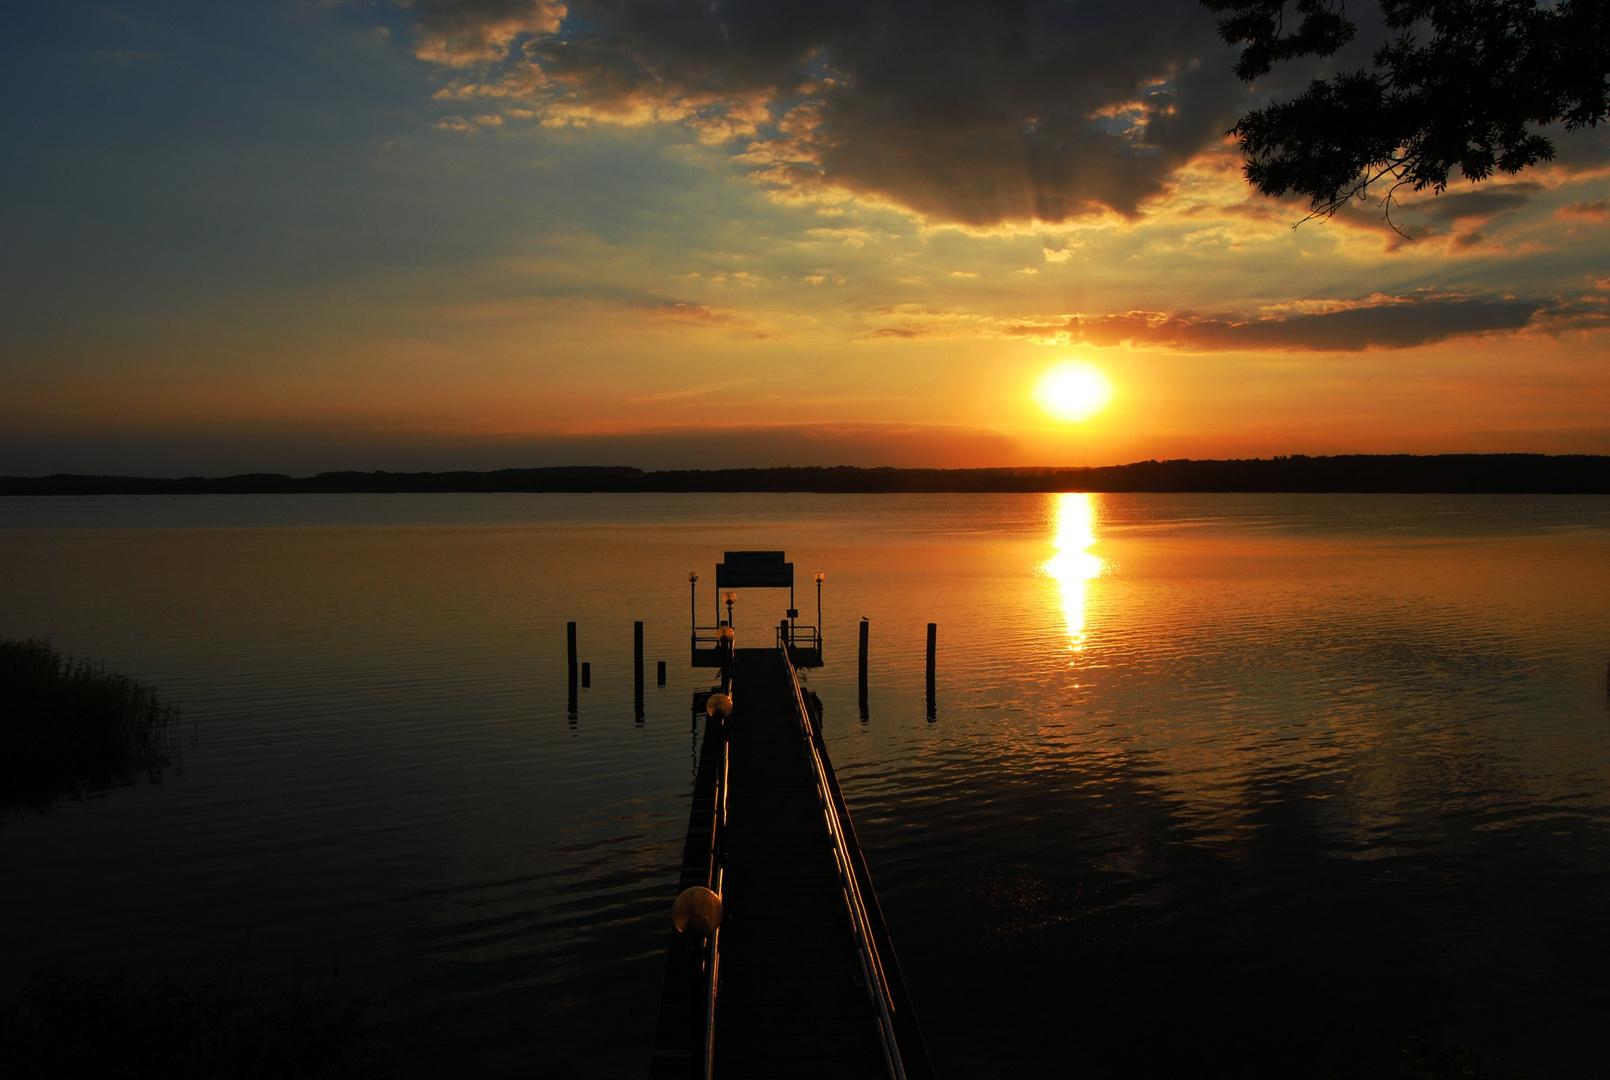 Sonnenuntergang neben dem Steg